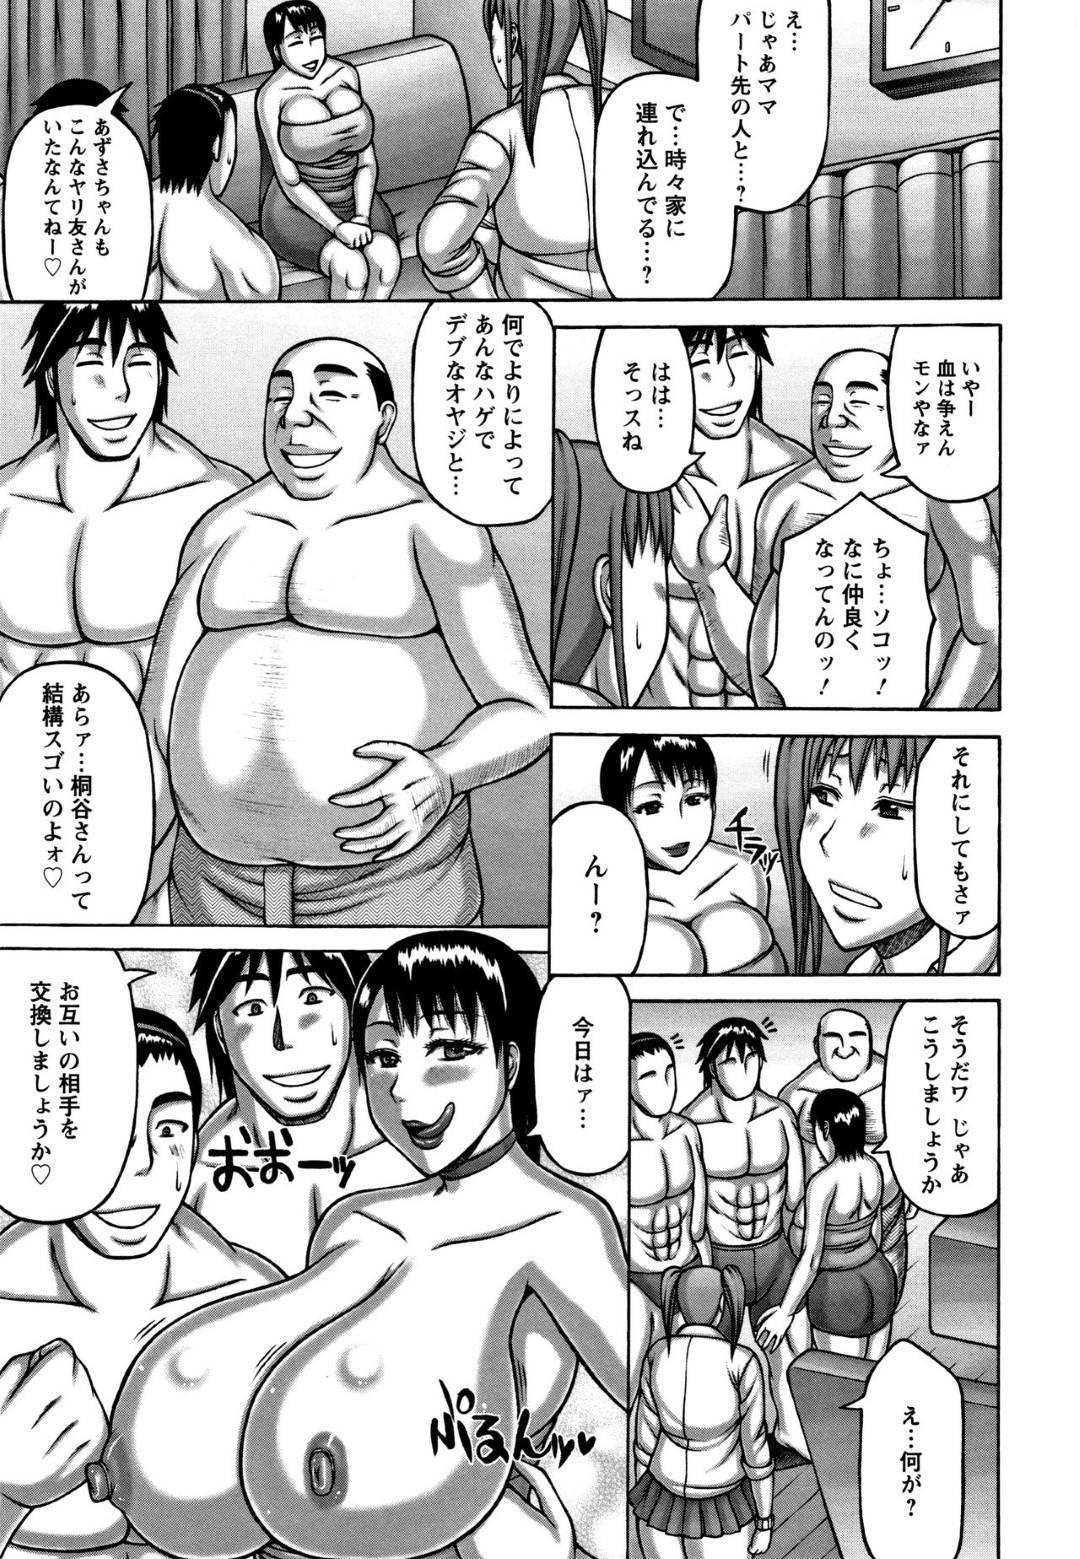 【エロ漫画】チンポ大好きを公言するツインテールのドビッチJK。その母親も負けず劣らずのビッチ!娘のセフレを横取りし、騎乗位で咥え込む。